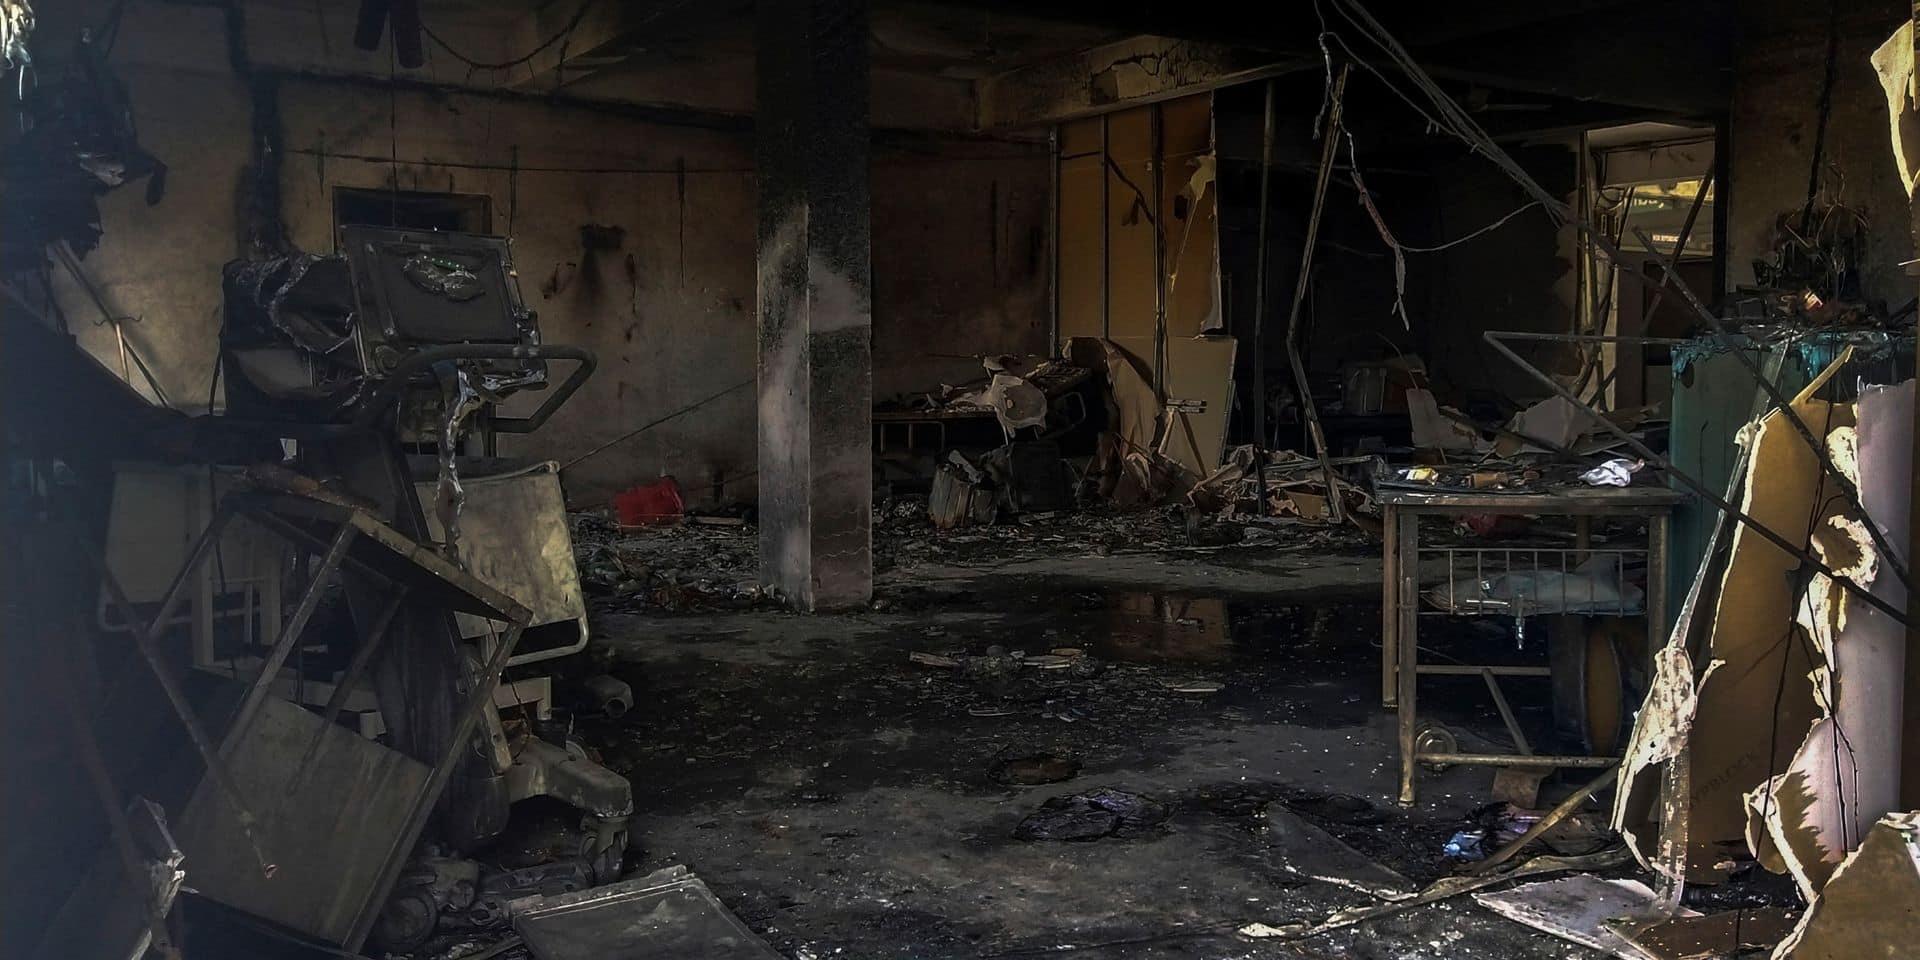 18 patients perdent la vie dans un incendie en Inde